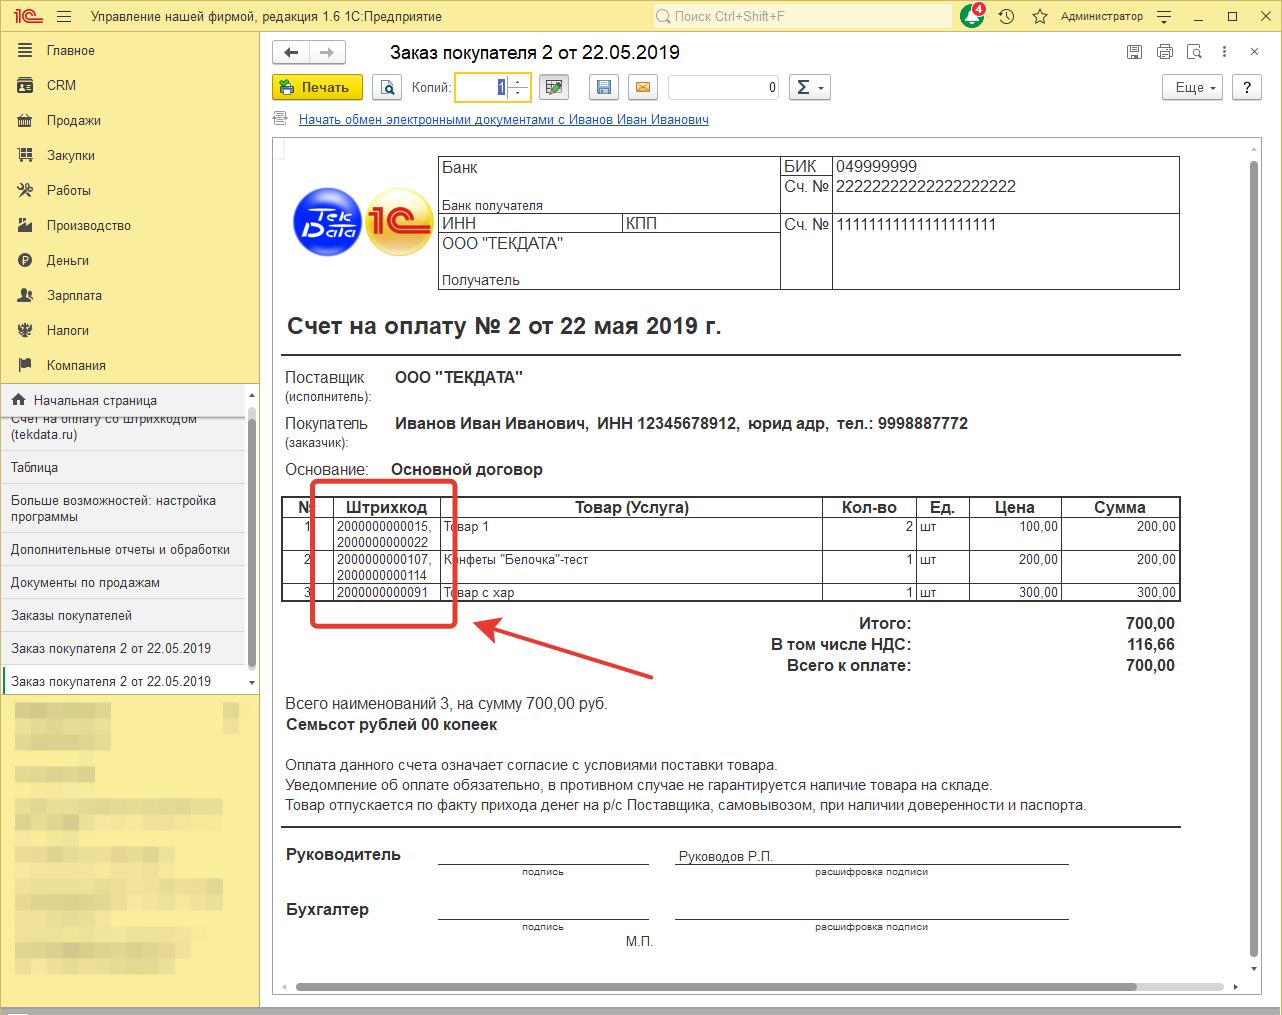 Счет на оплату со штрихкодами для Заказа покупателя в УНФ 1.6 (Внешняя печатная форма)